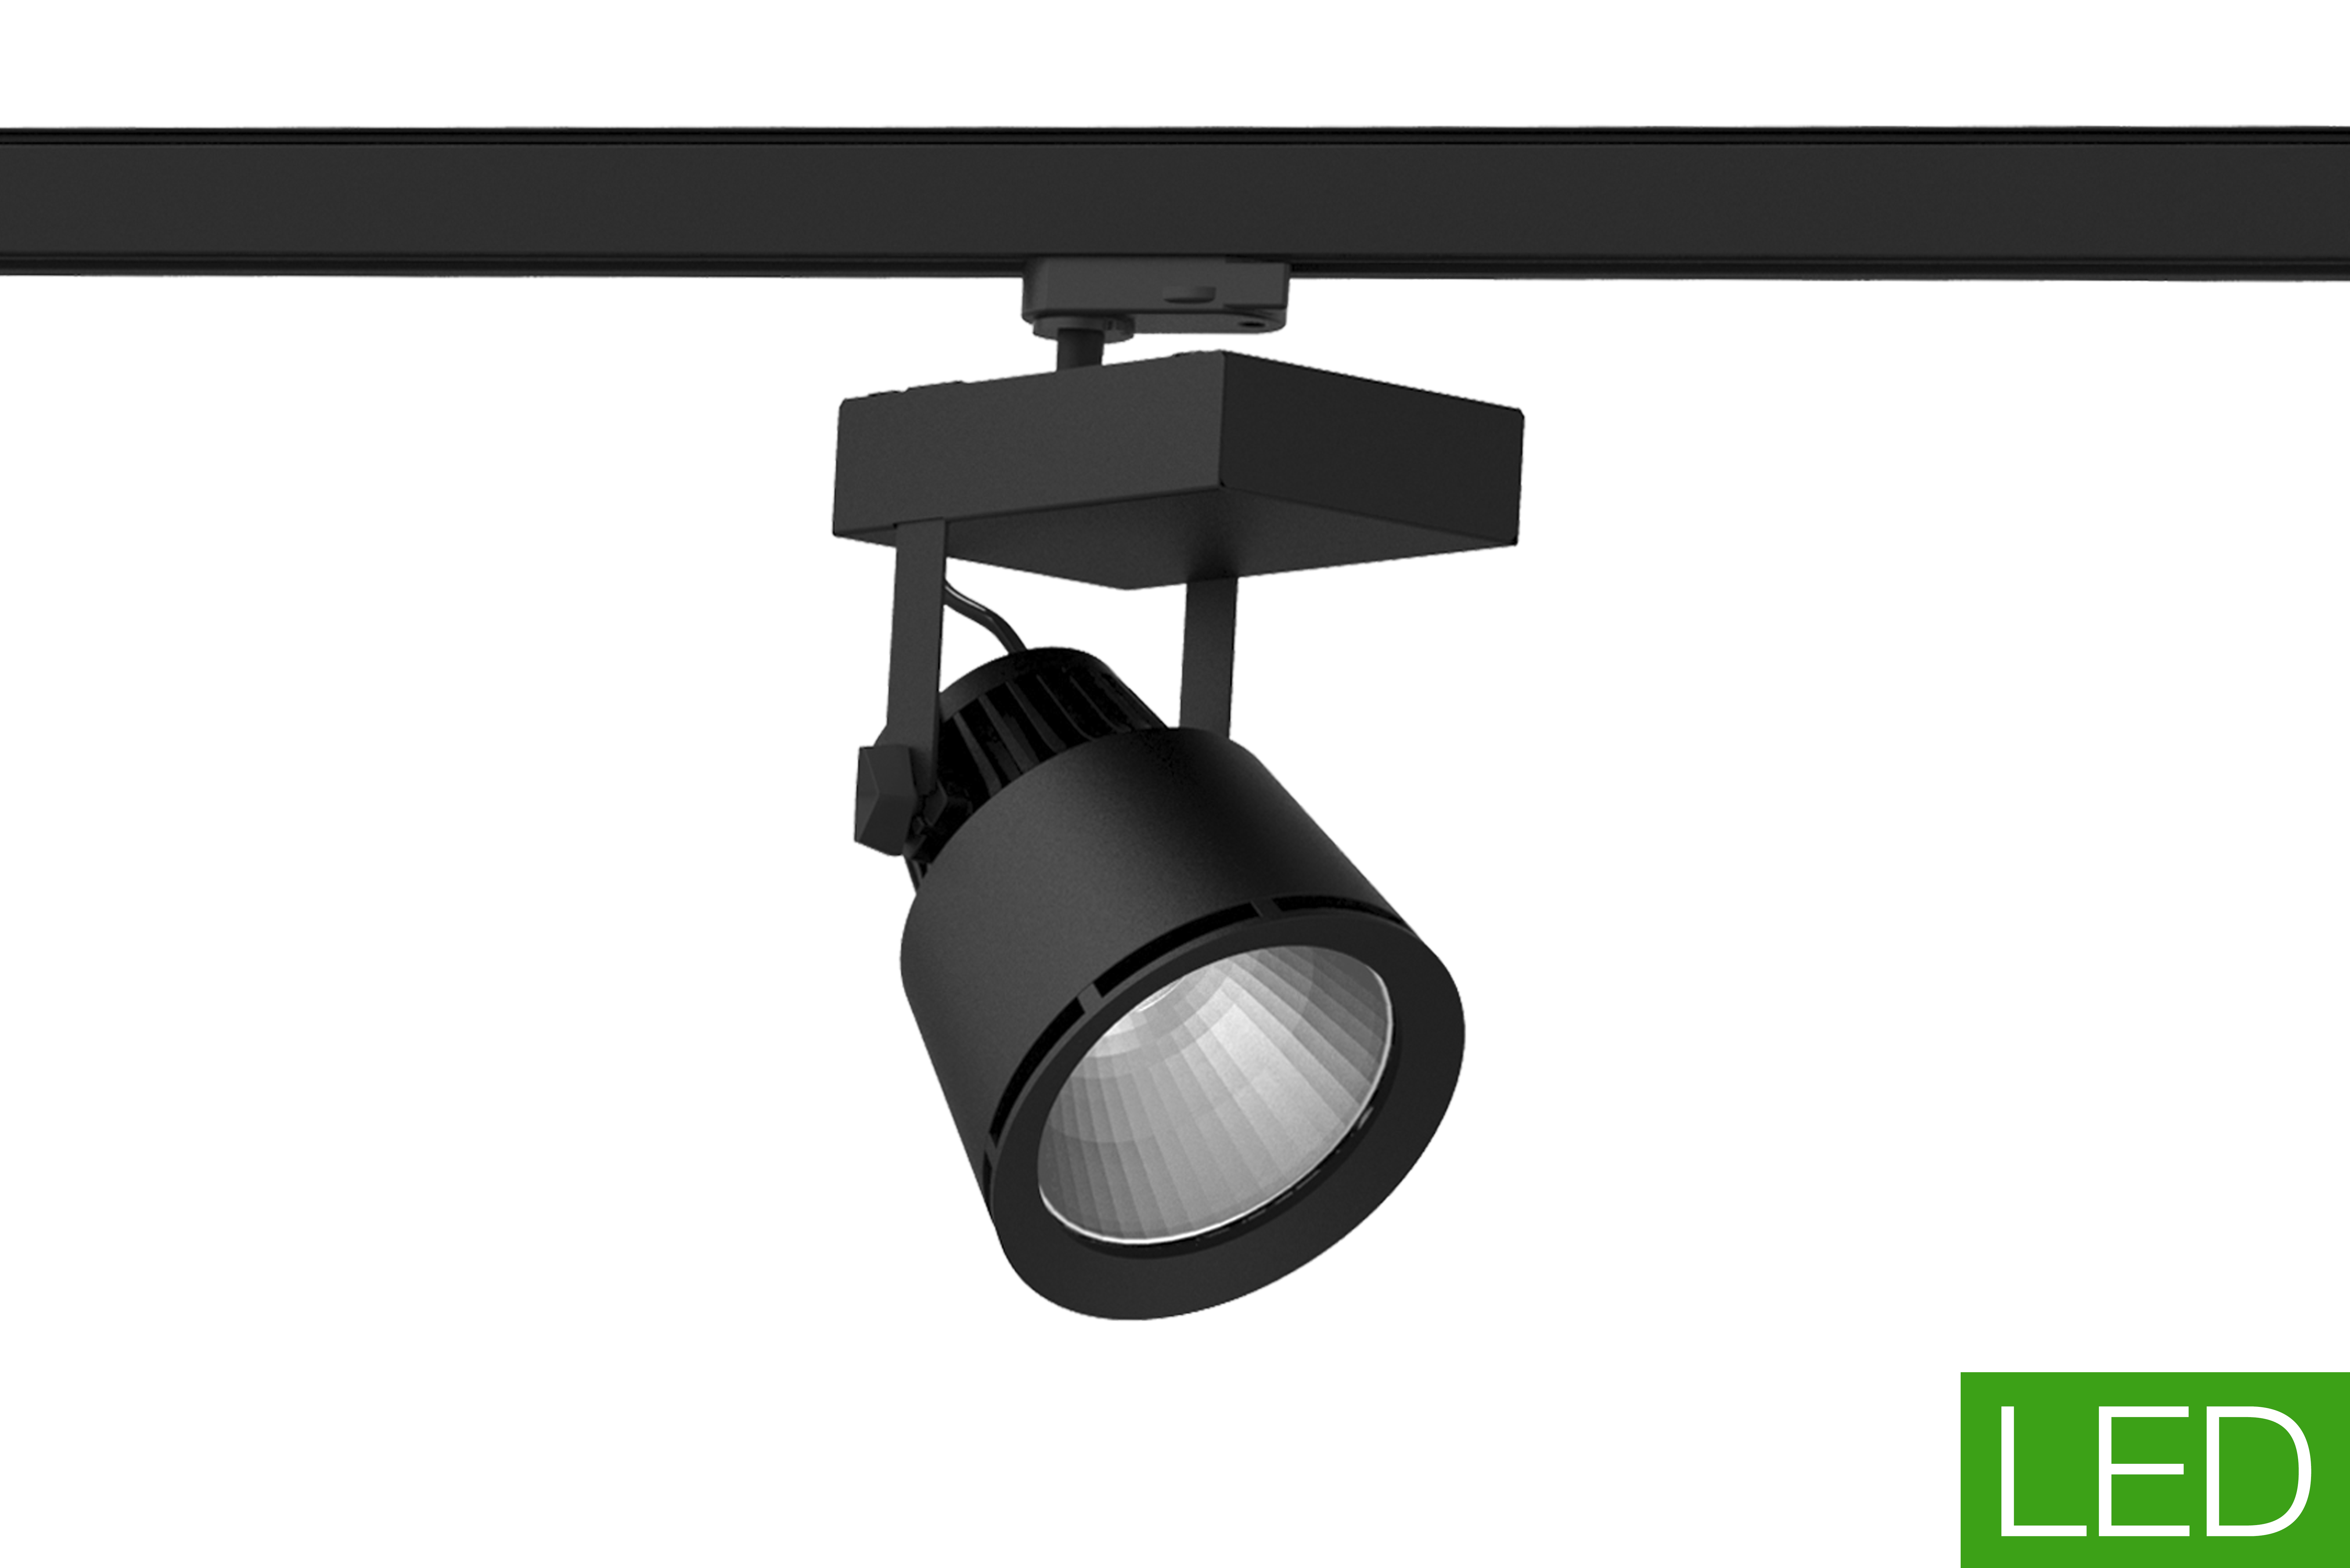 shopi c dietal lighting innovator. Black Bedroom Furniture Sets. Home Design Ideas